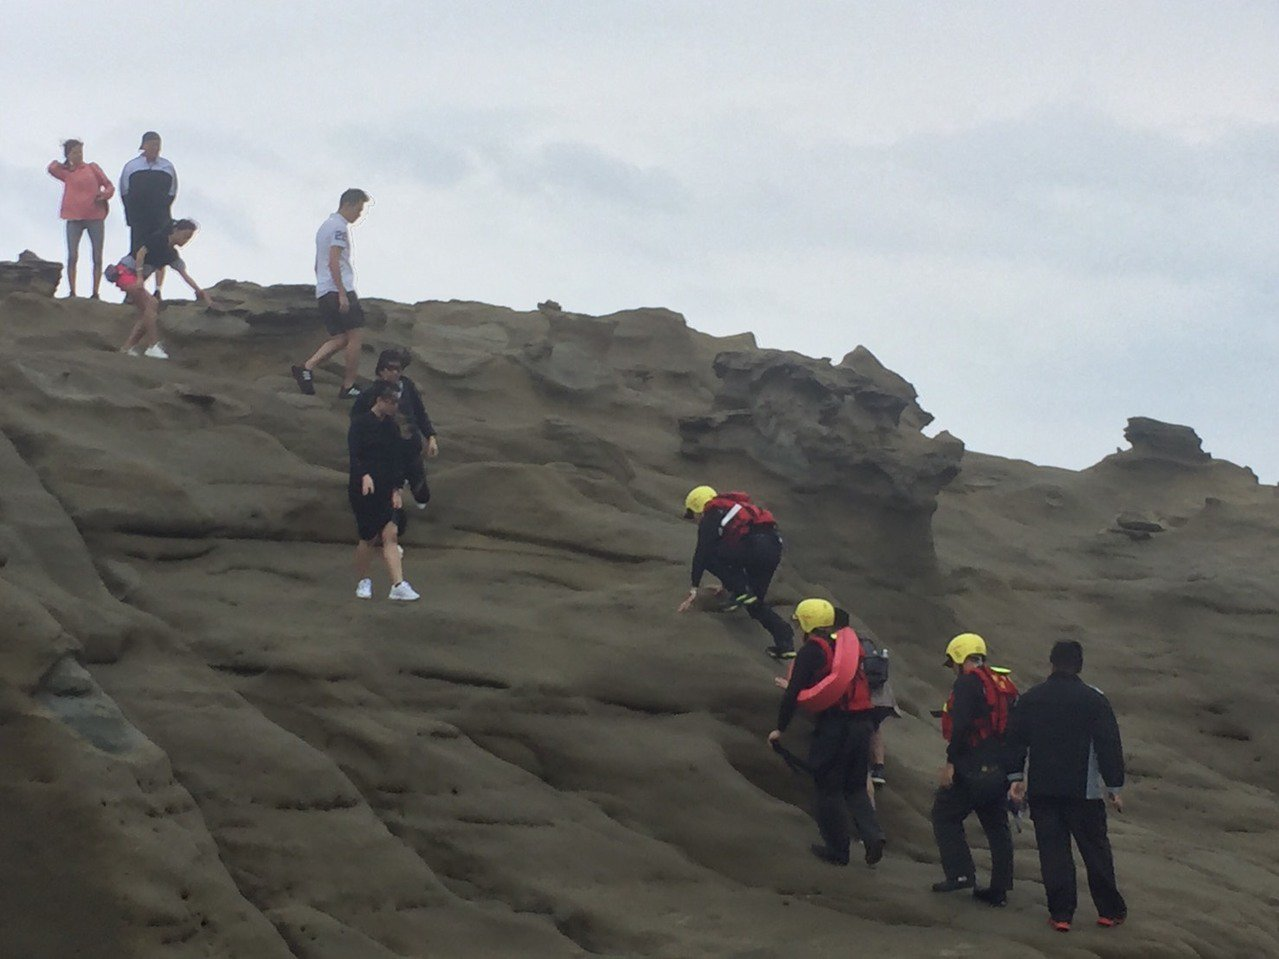 為維護遊客安全,消防局、岸巡及觀光旅遊局將加強象鼻岩巡邏密度,每天上下午均排有人...